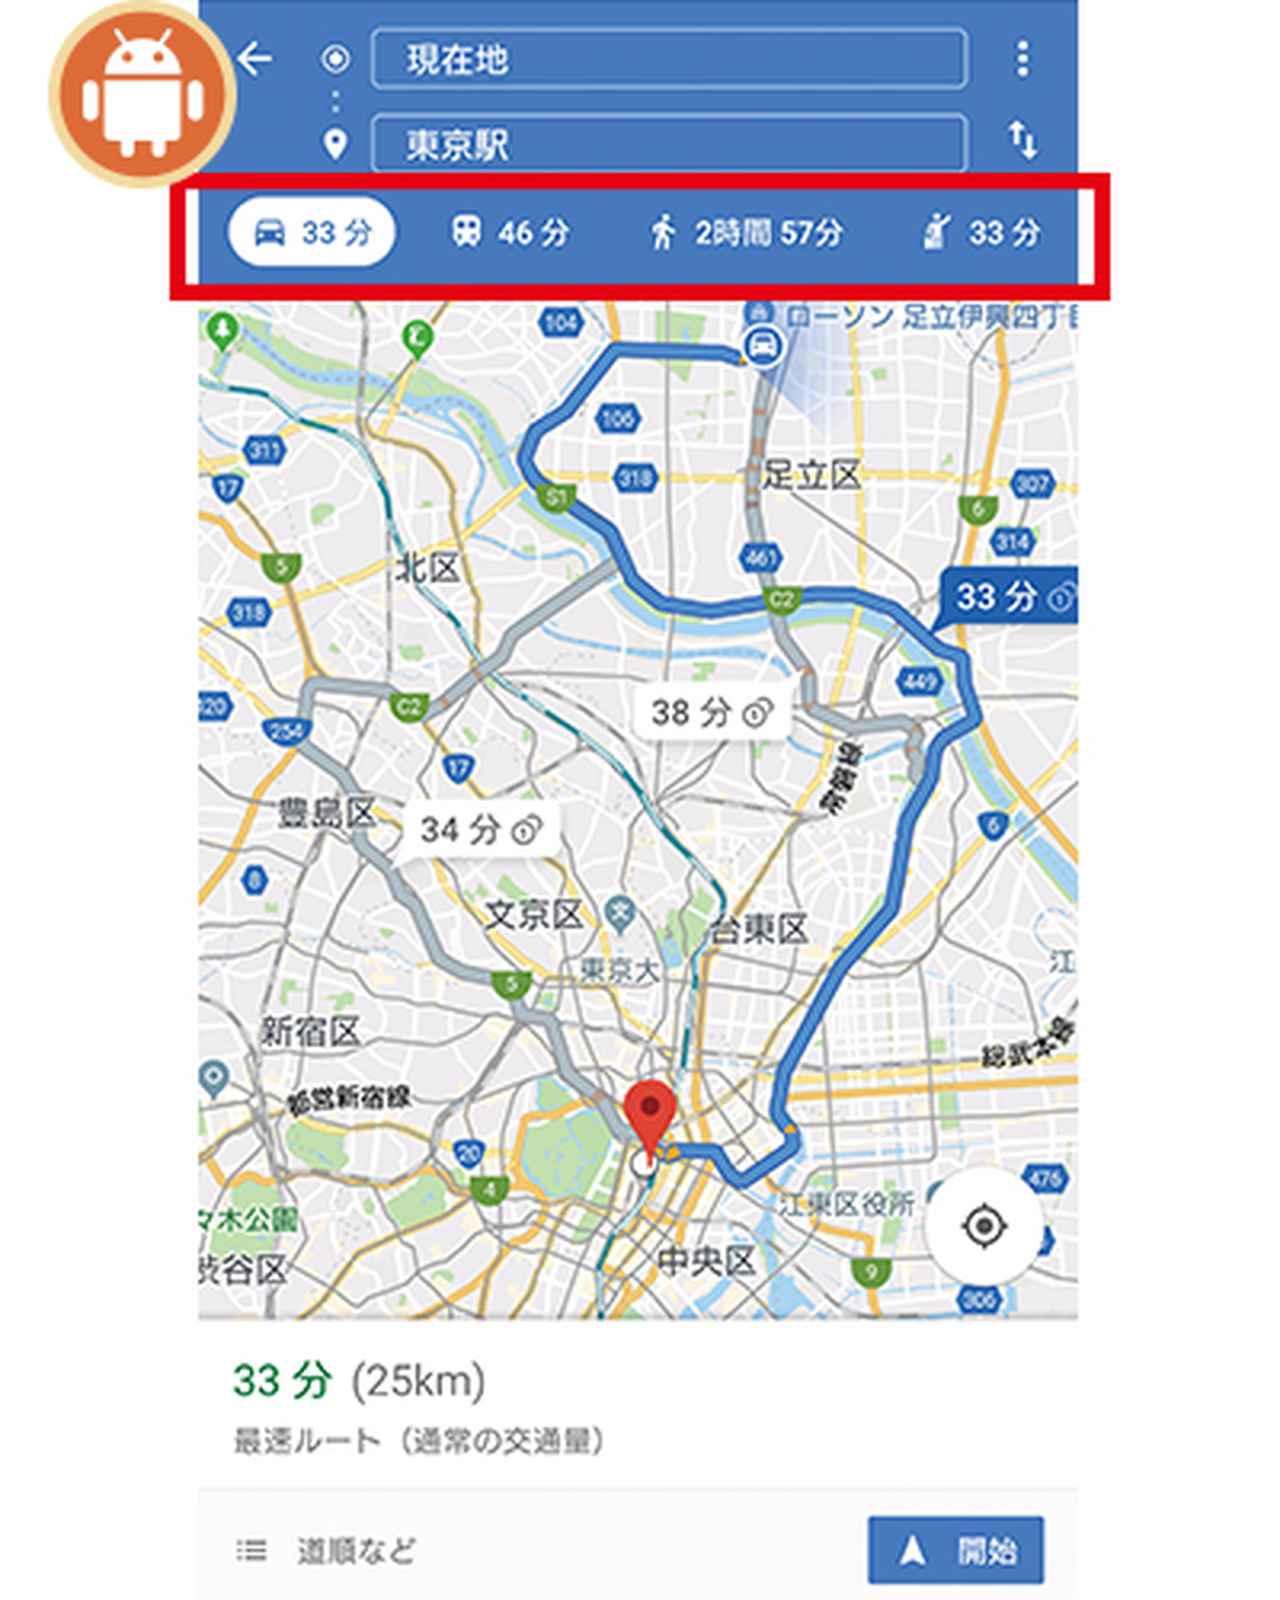 画像: 現在地からの目的地までのルートを調べたいときは、「経路」ボタンをタップ。移動手段の変更は、画面上部のアイコンから行える。